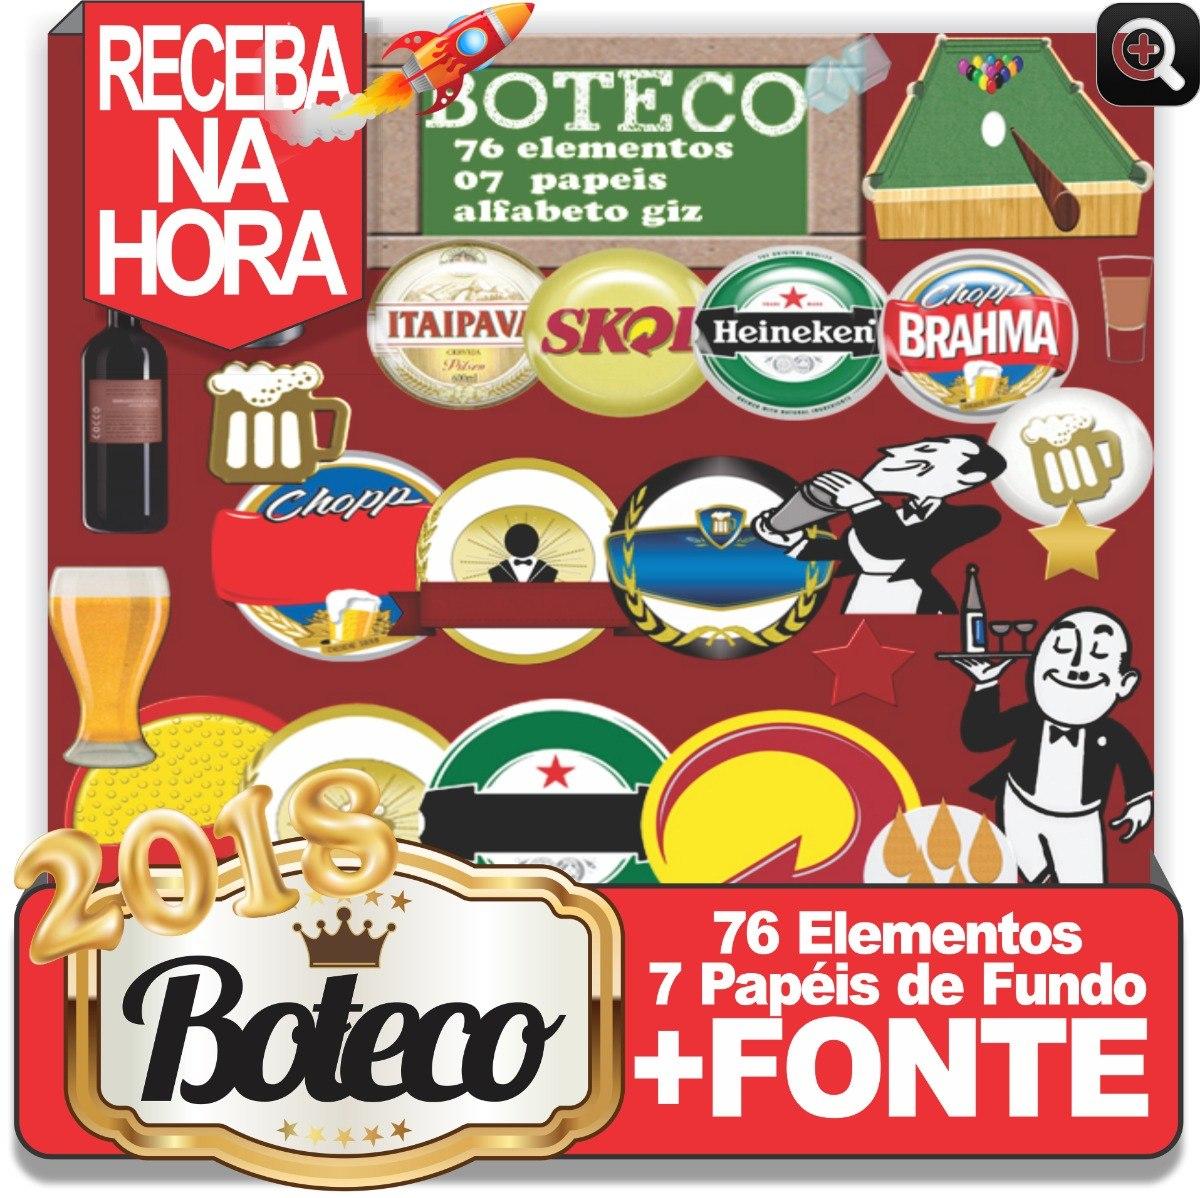 Tema Boteco 83 Imagens Para Artes Personalizadas R 1000 Em